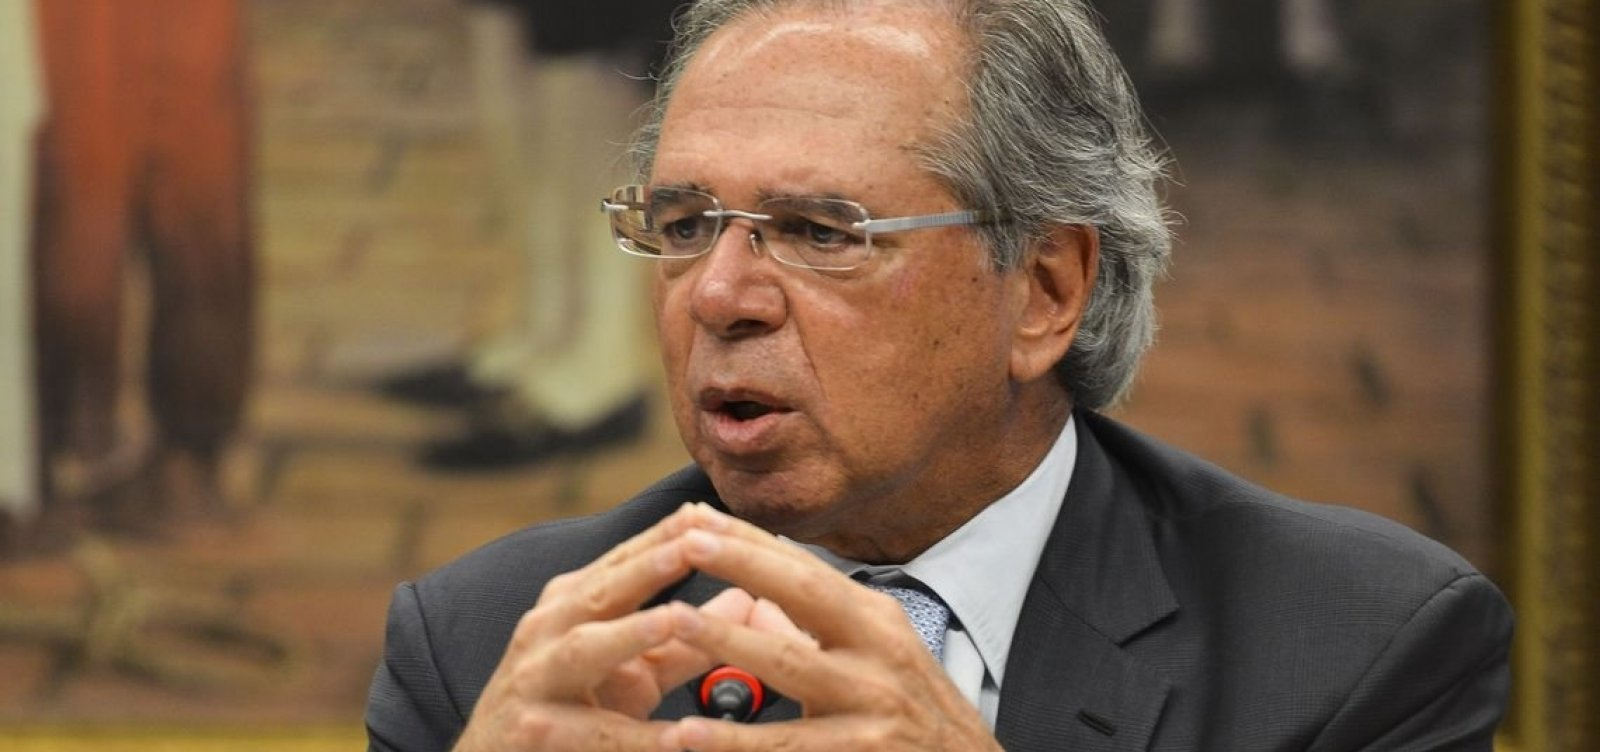 [Governo pretende cortar 10% em tarifas de importação em quatro anos, diz Guedes]